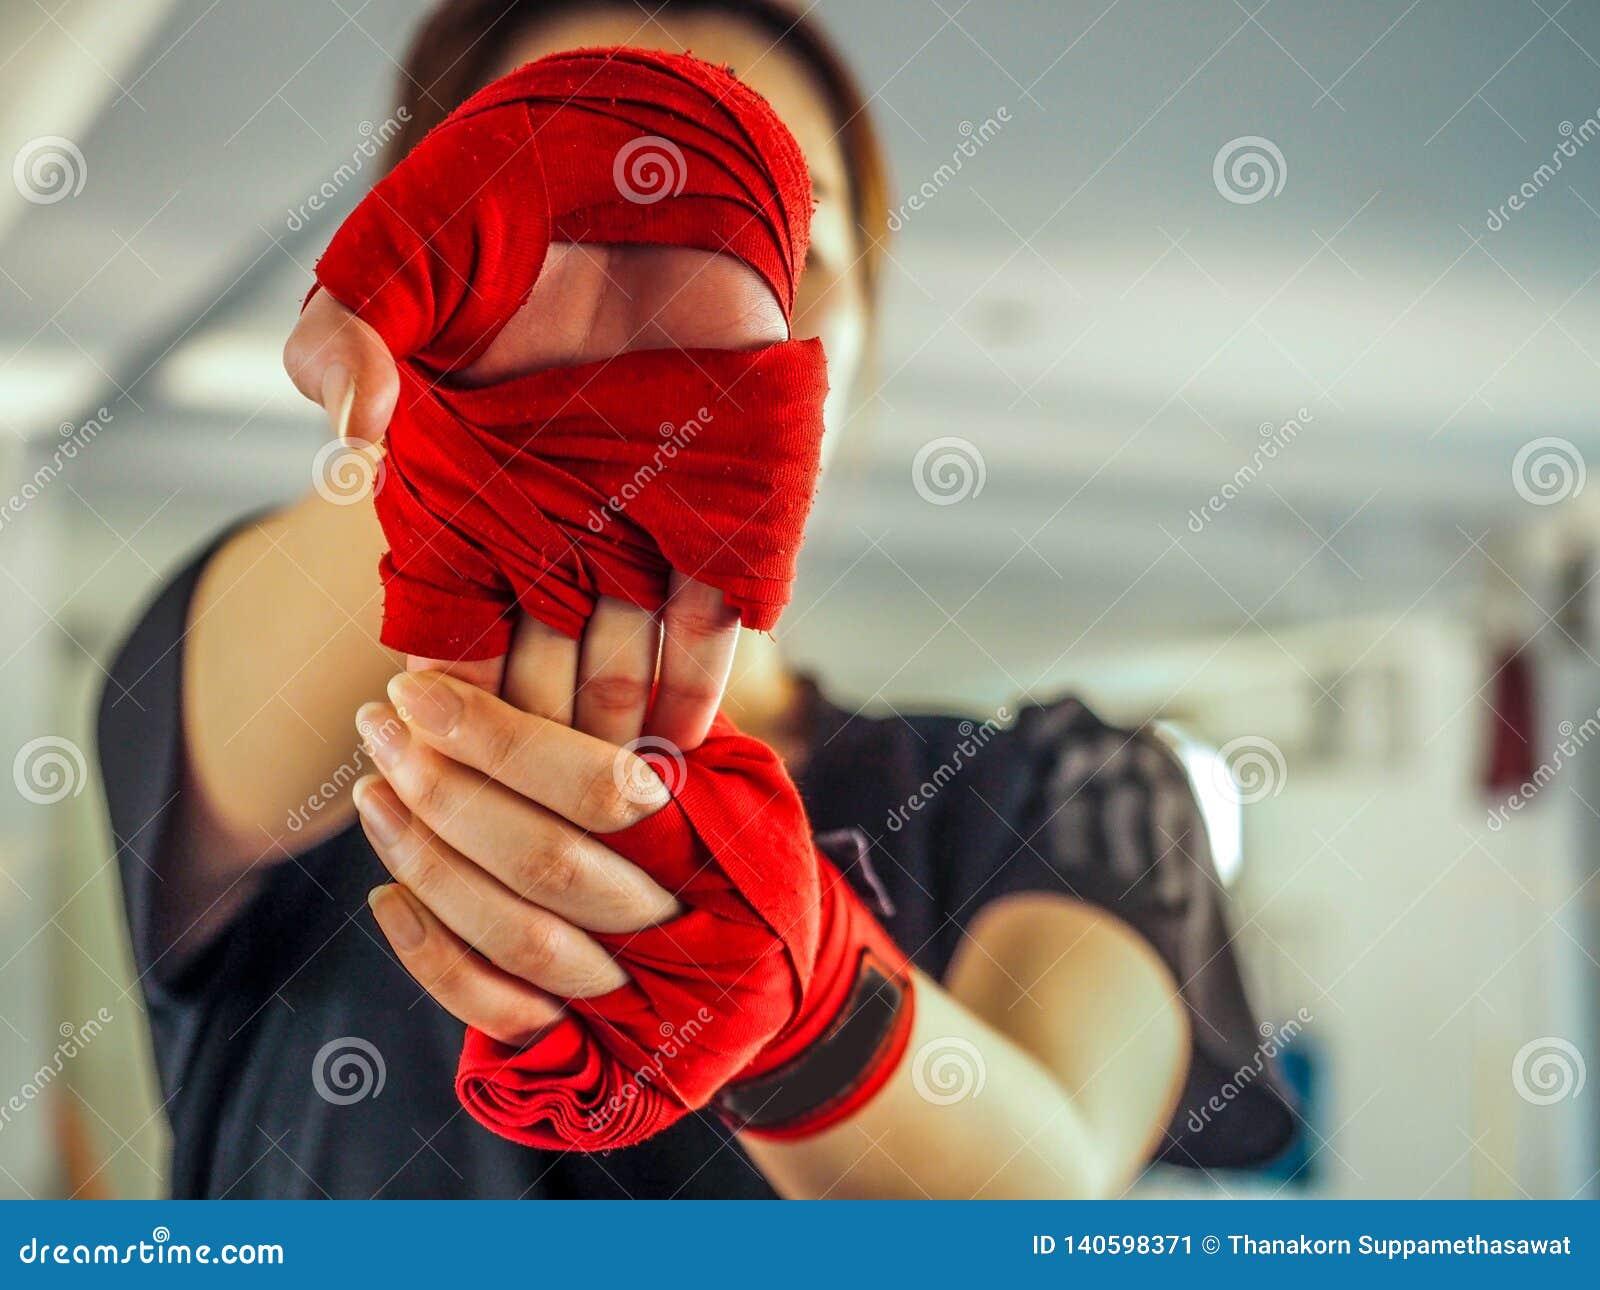 Девочка-подросток в одеждах спорт держа вывихнутое плечо на тренировке